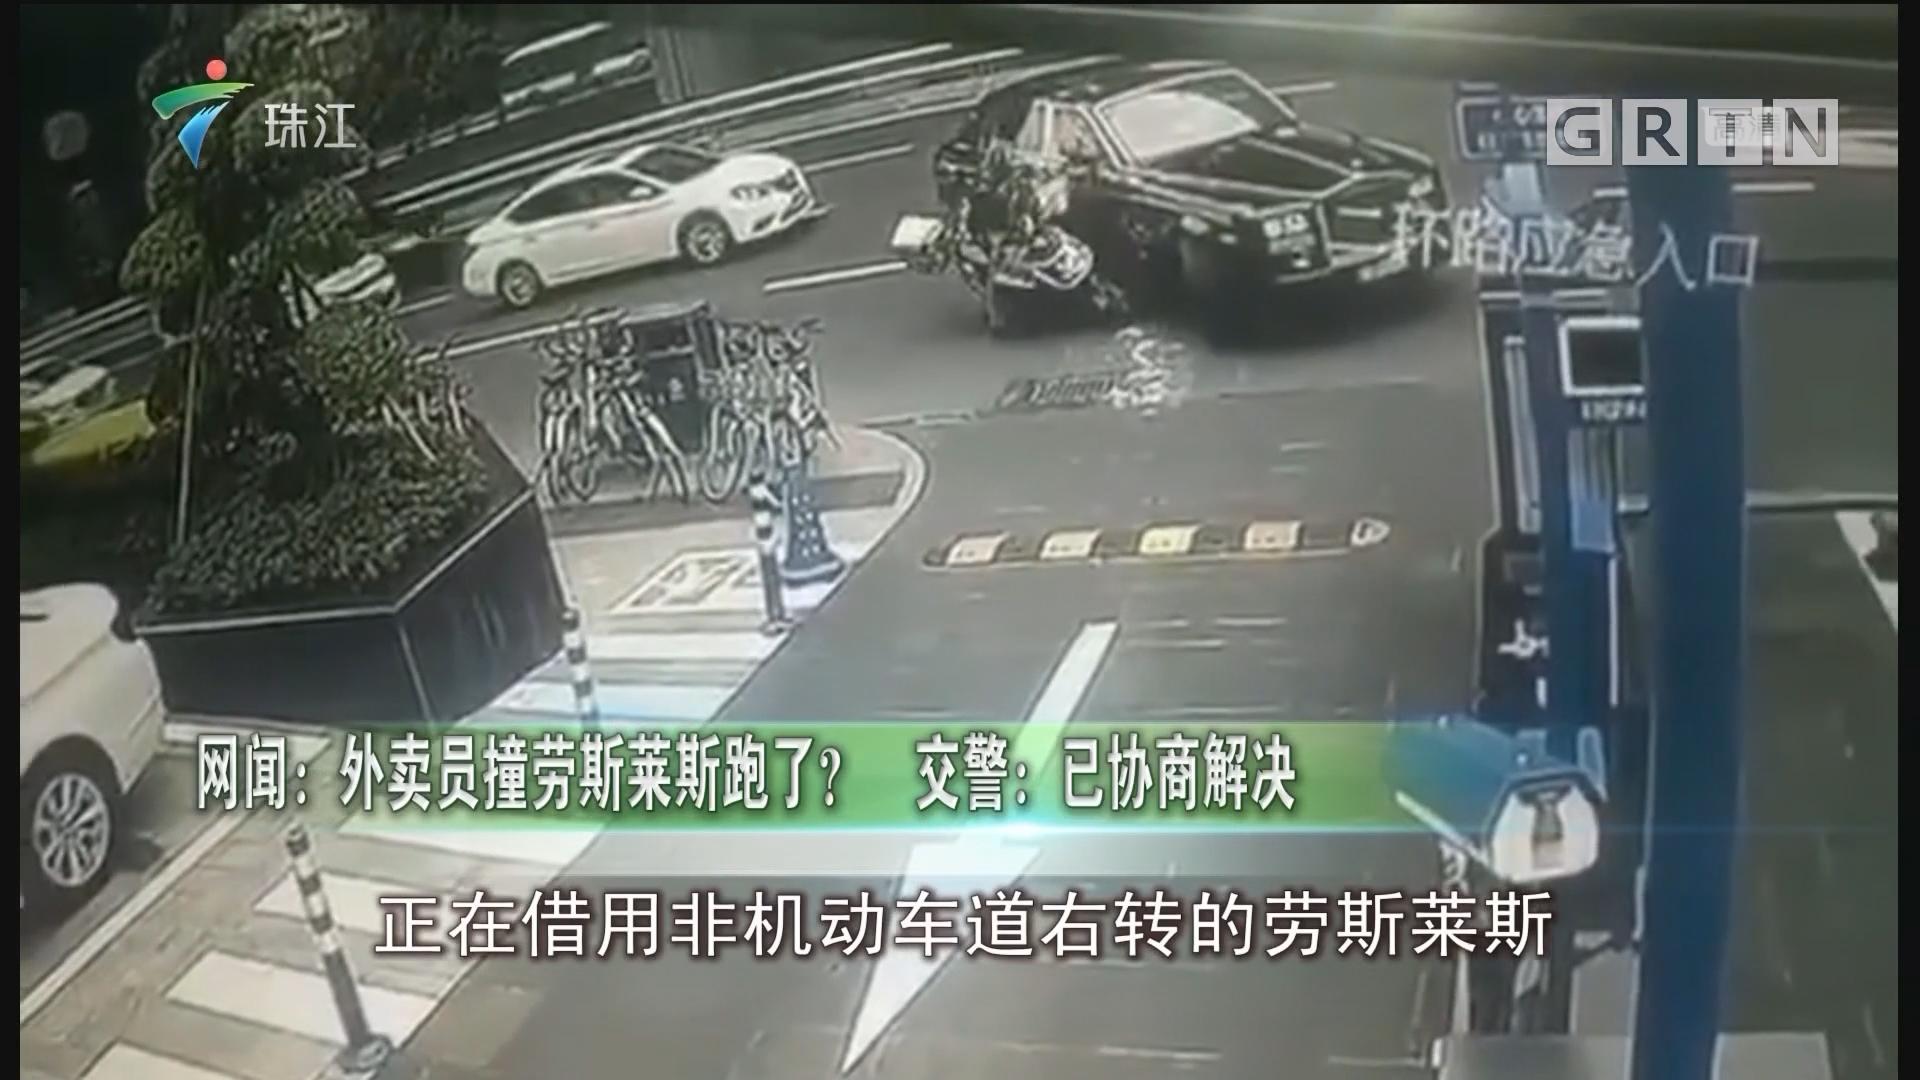 网闻:外卖员撞劳斯莱斯跑了? 交警:已协商解决